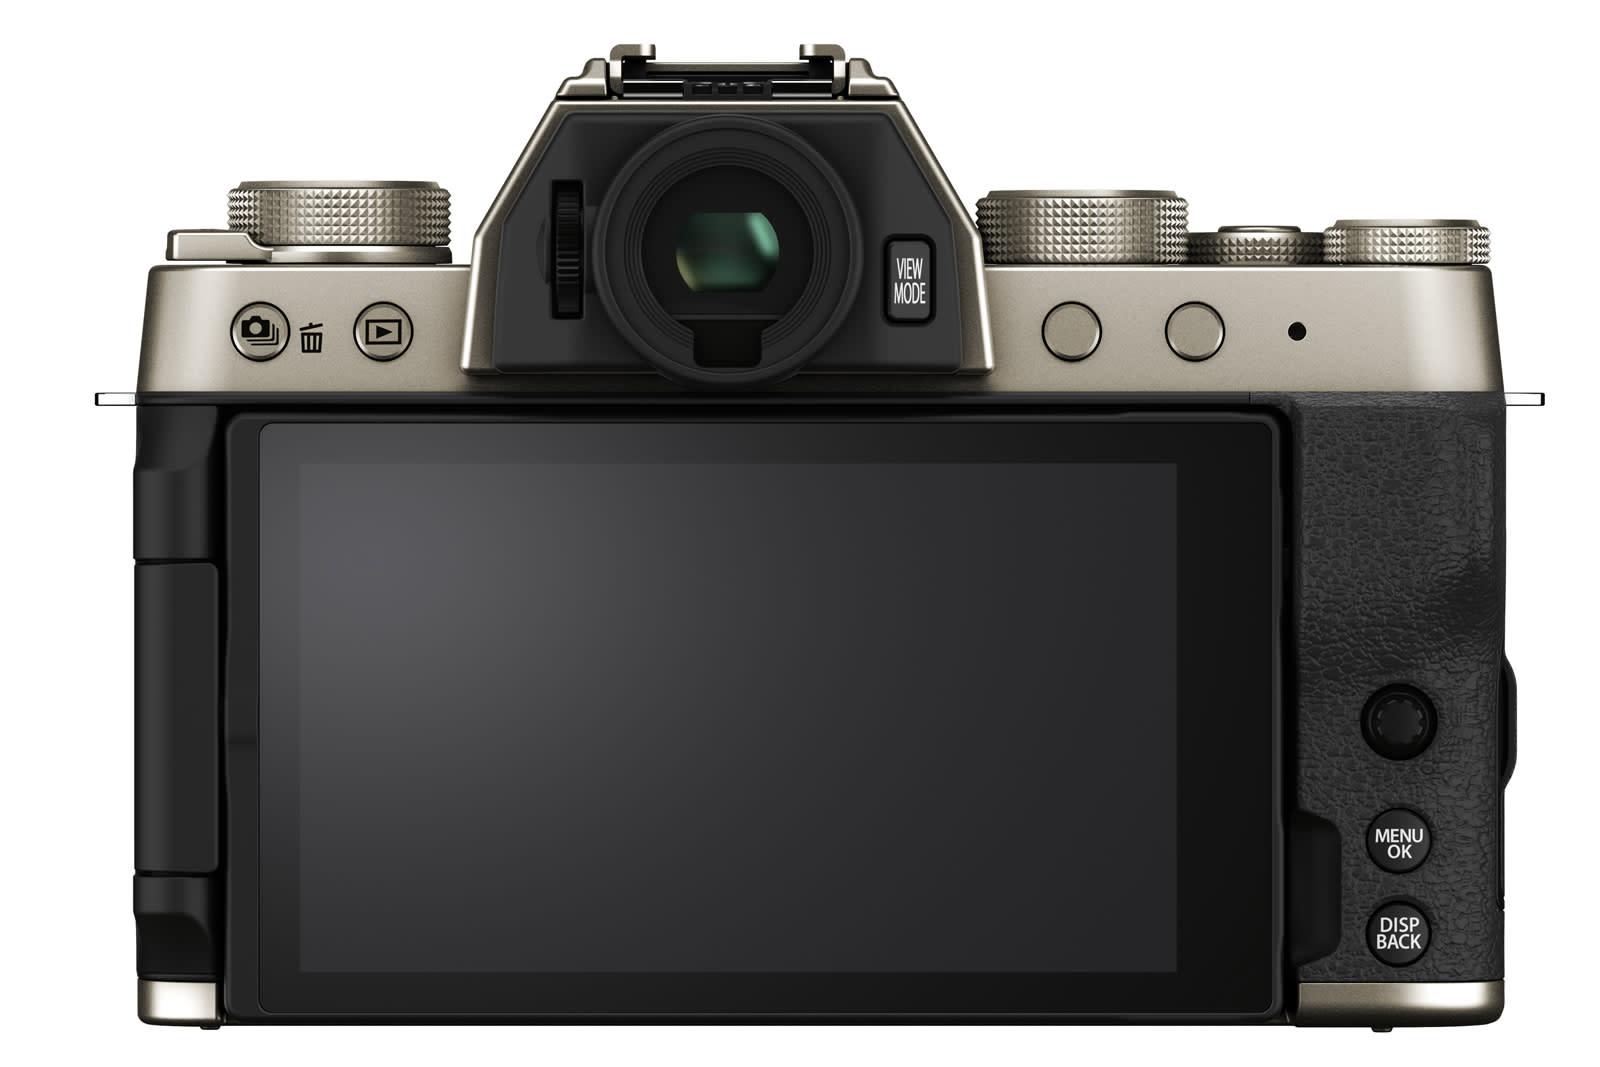 Fujifilm X-T200 mirrorless camera rear view